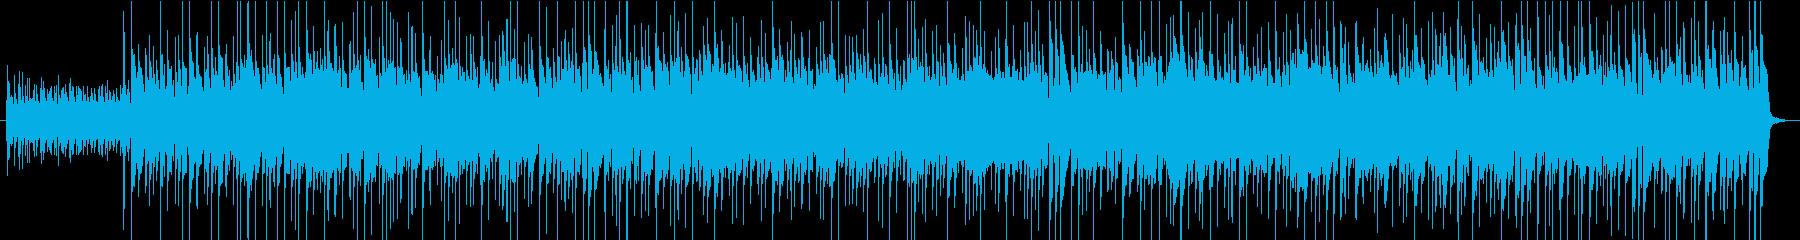 秒数ピッタリ・ロッキー風筋トレ動画BGMの再生済みの波形